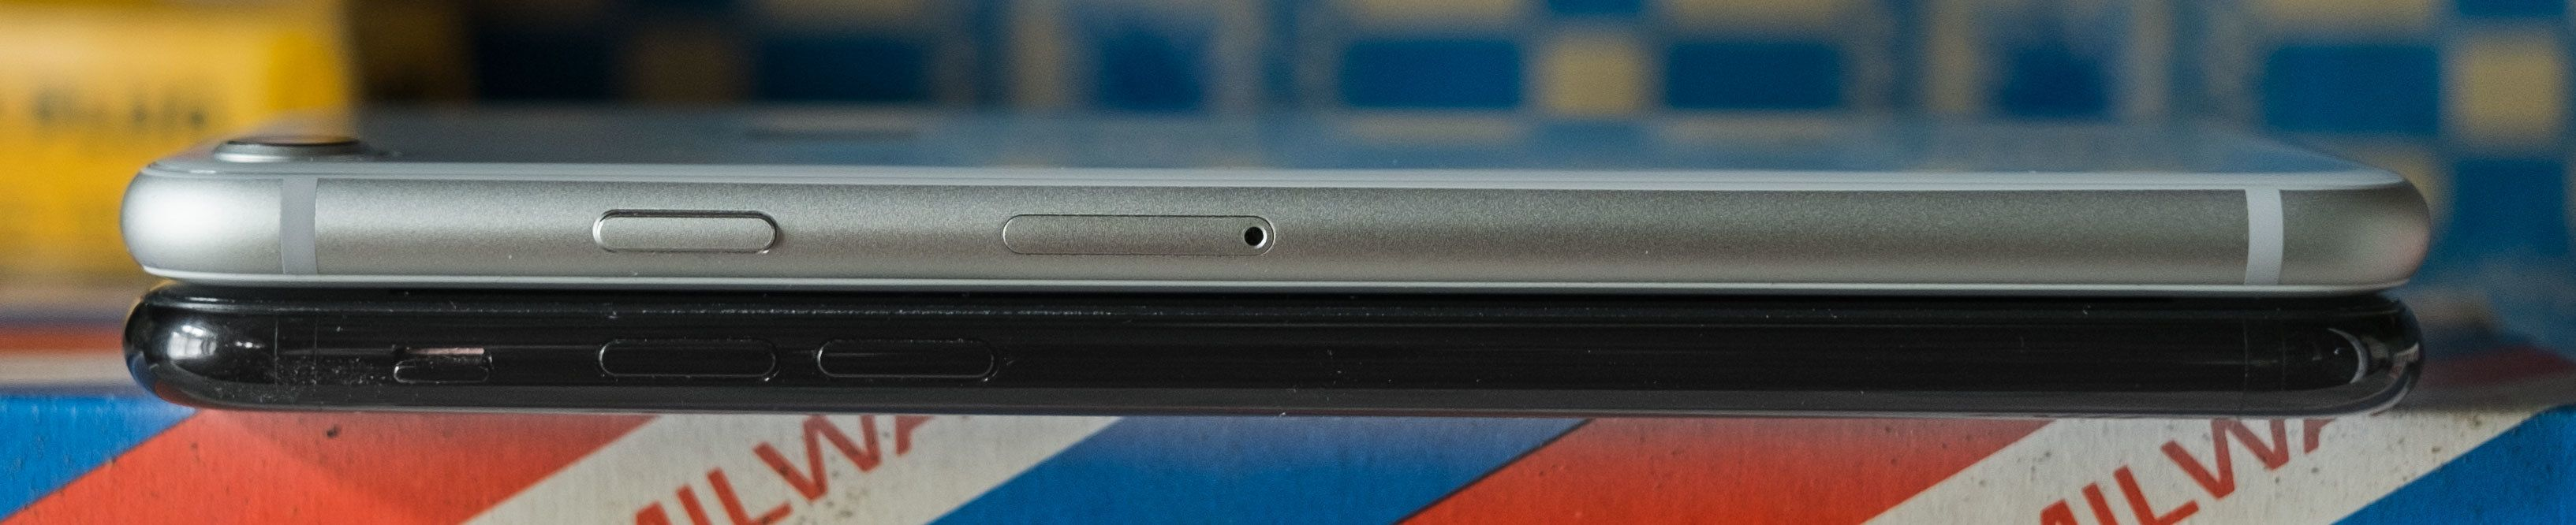 Tykkelsen er identisk som forgjengeren, selv om iPhone 8 veier 10 gram mer..